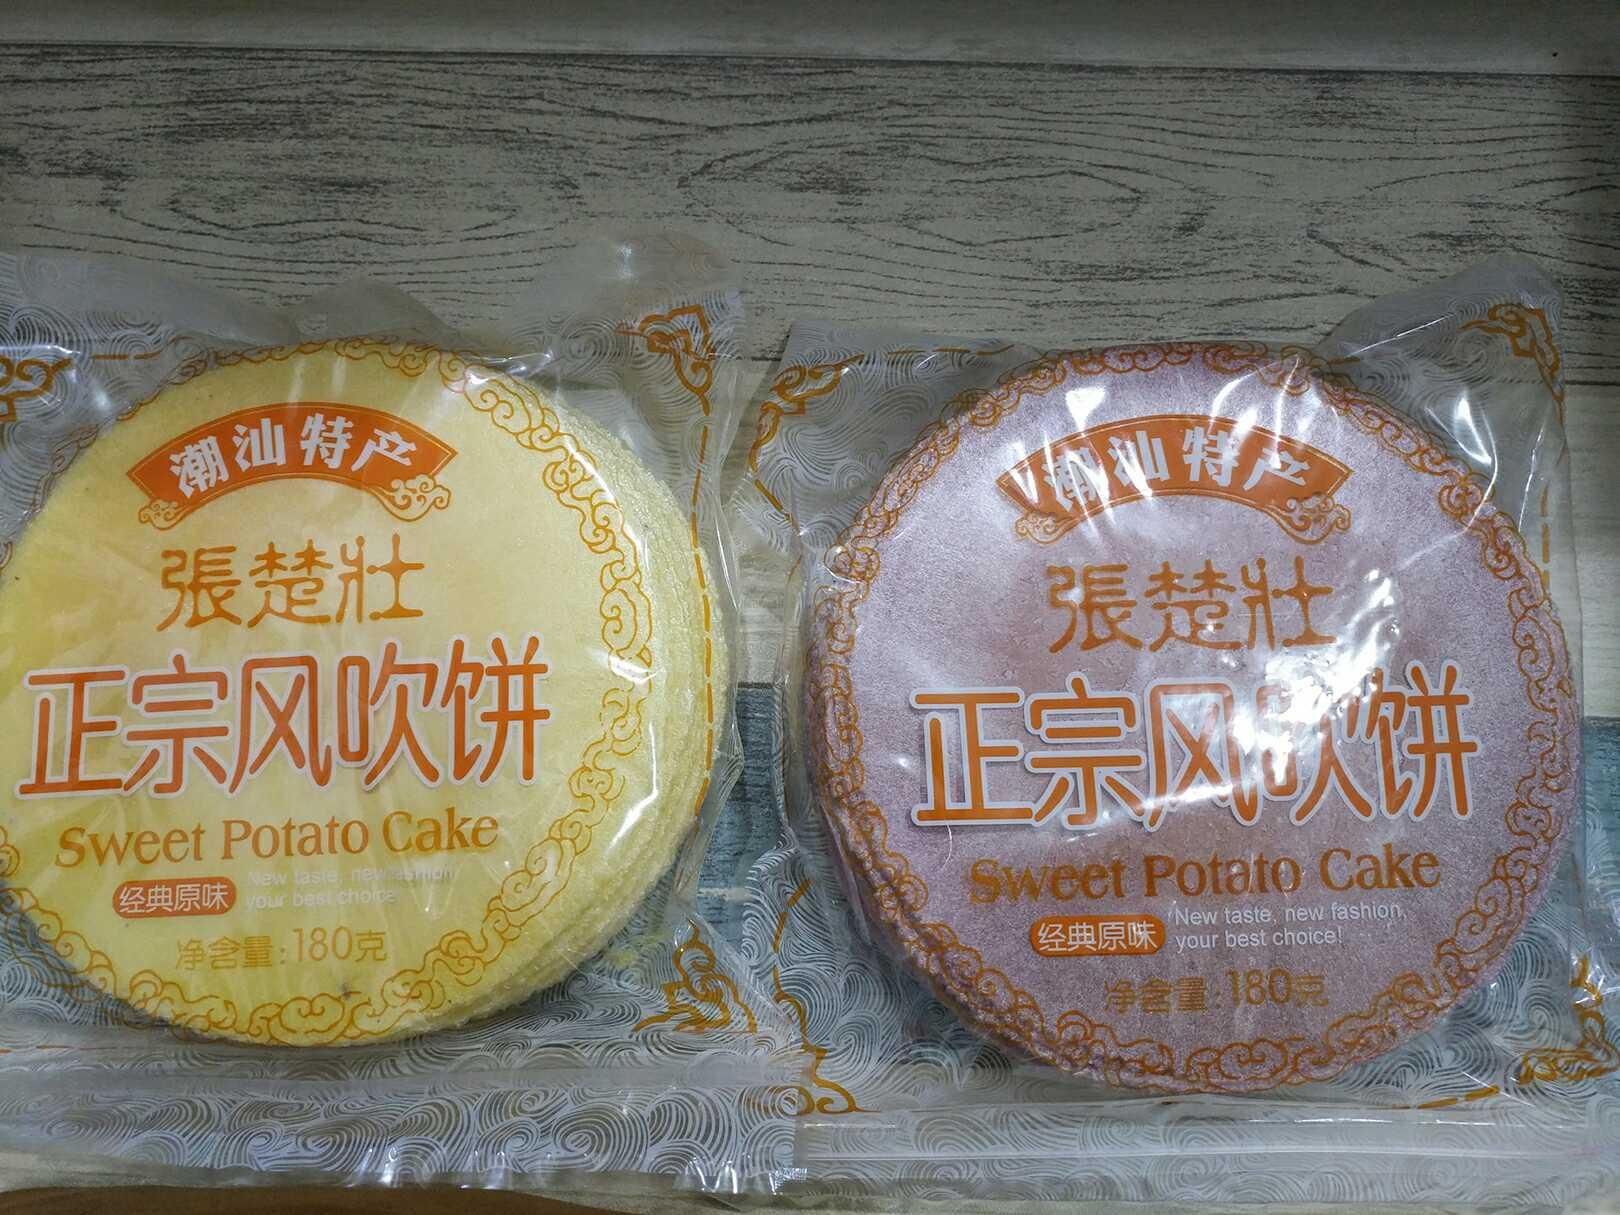 [《] в провинции гуандун шесть почтовая сумка [》] волна [汕] специальный свойство чжан прутняк китайский сильный ветер дуть пирог [(] фиолетовый сладкий картофель [,] оригинал [,] кунжут [)]